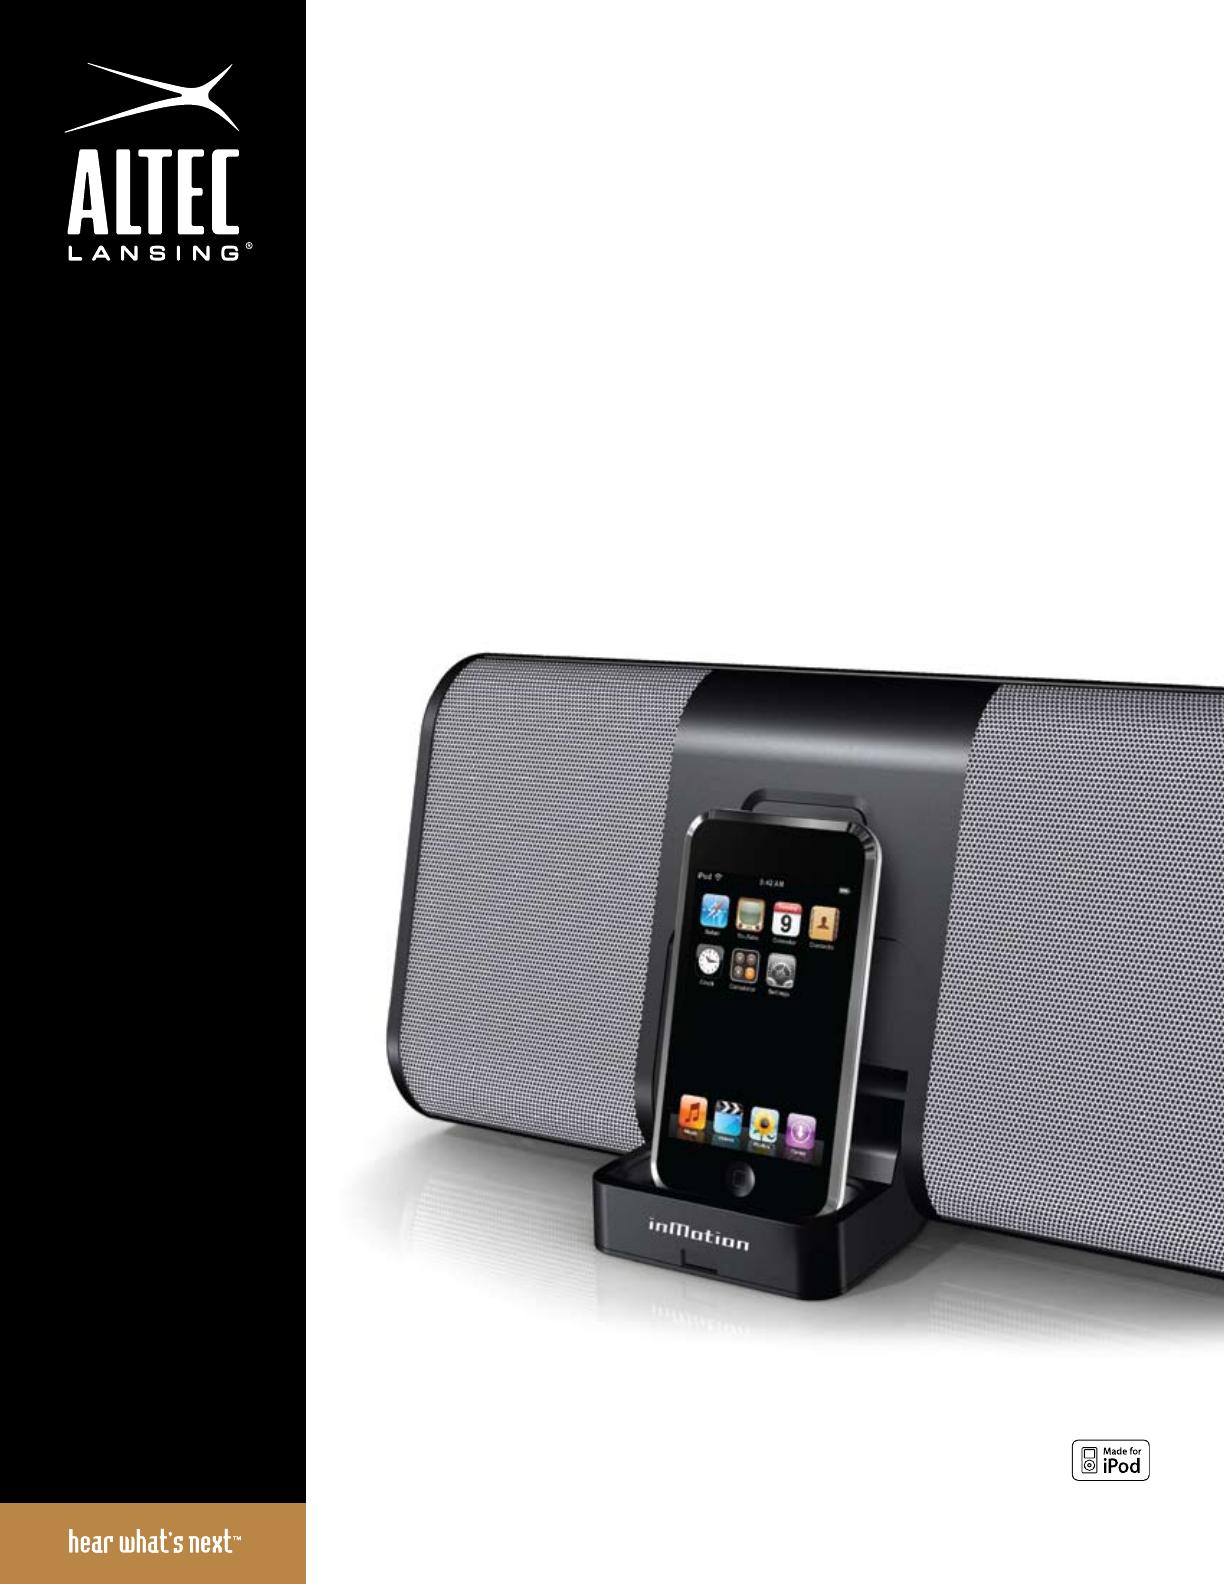 altec lansing speaker im310 user guide manualsonline com rh audio manualsonline com Altec Lansing Speakers Waterproof Bluetooth Speaker Altec Lansing